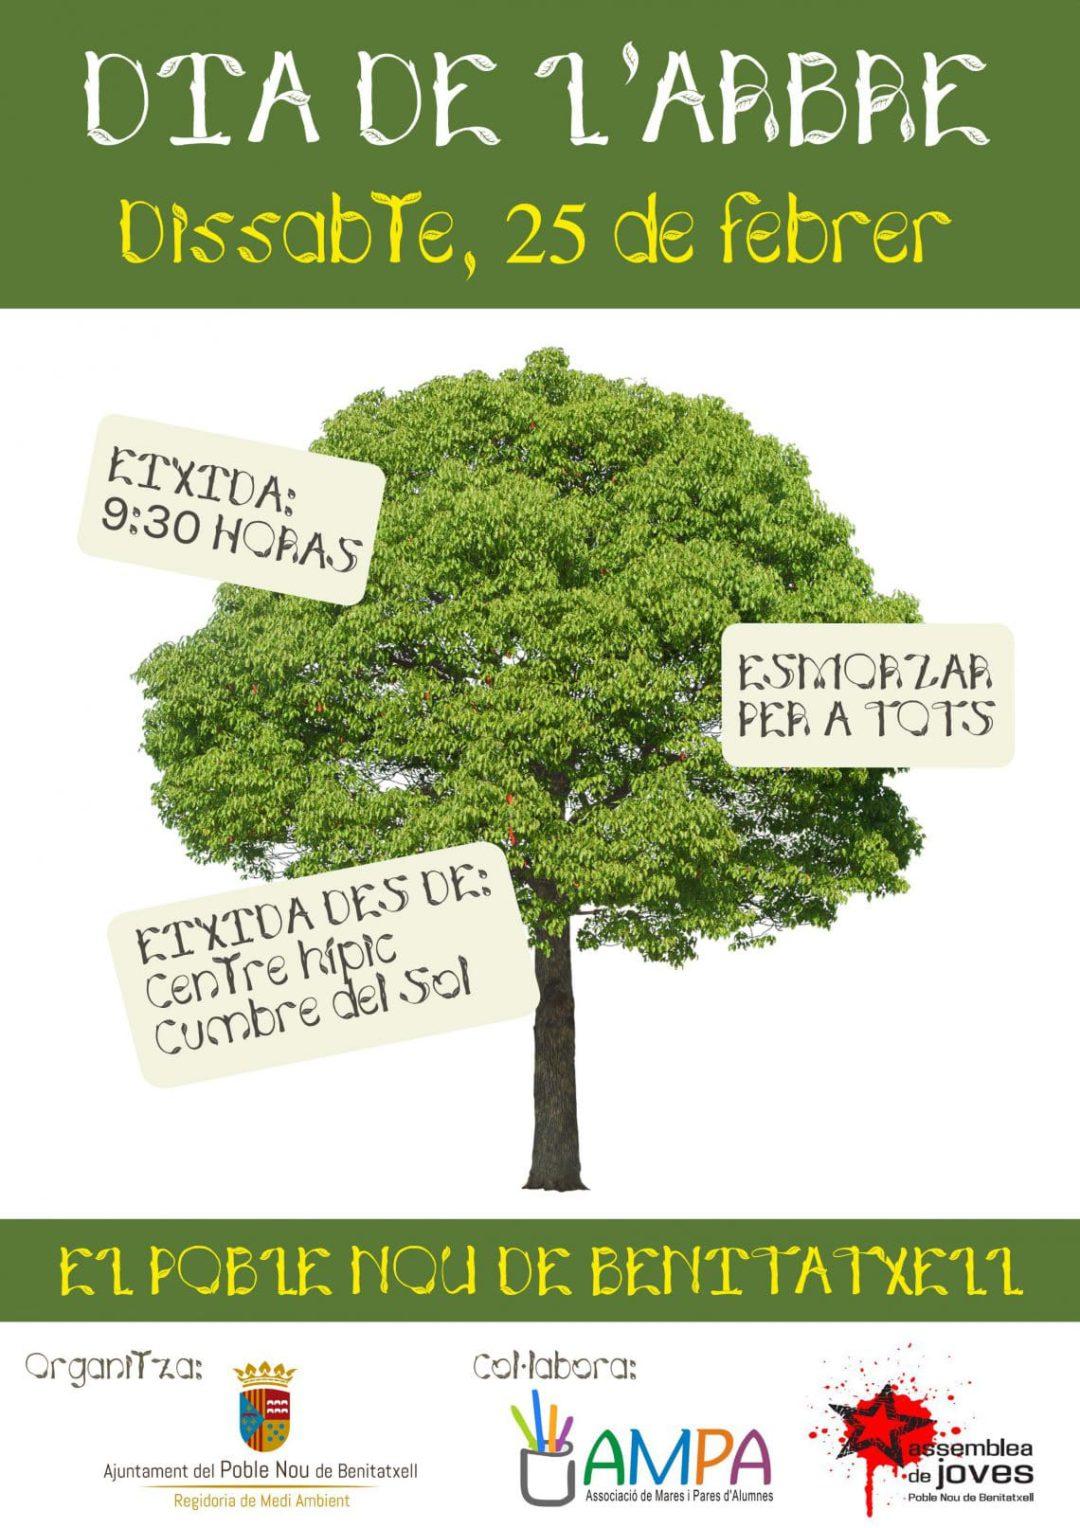 Día del árbol en Benitatxell- Sábado 25 de febrero 2017